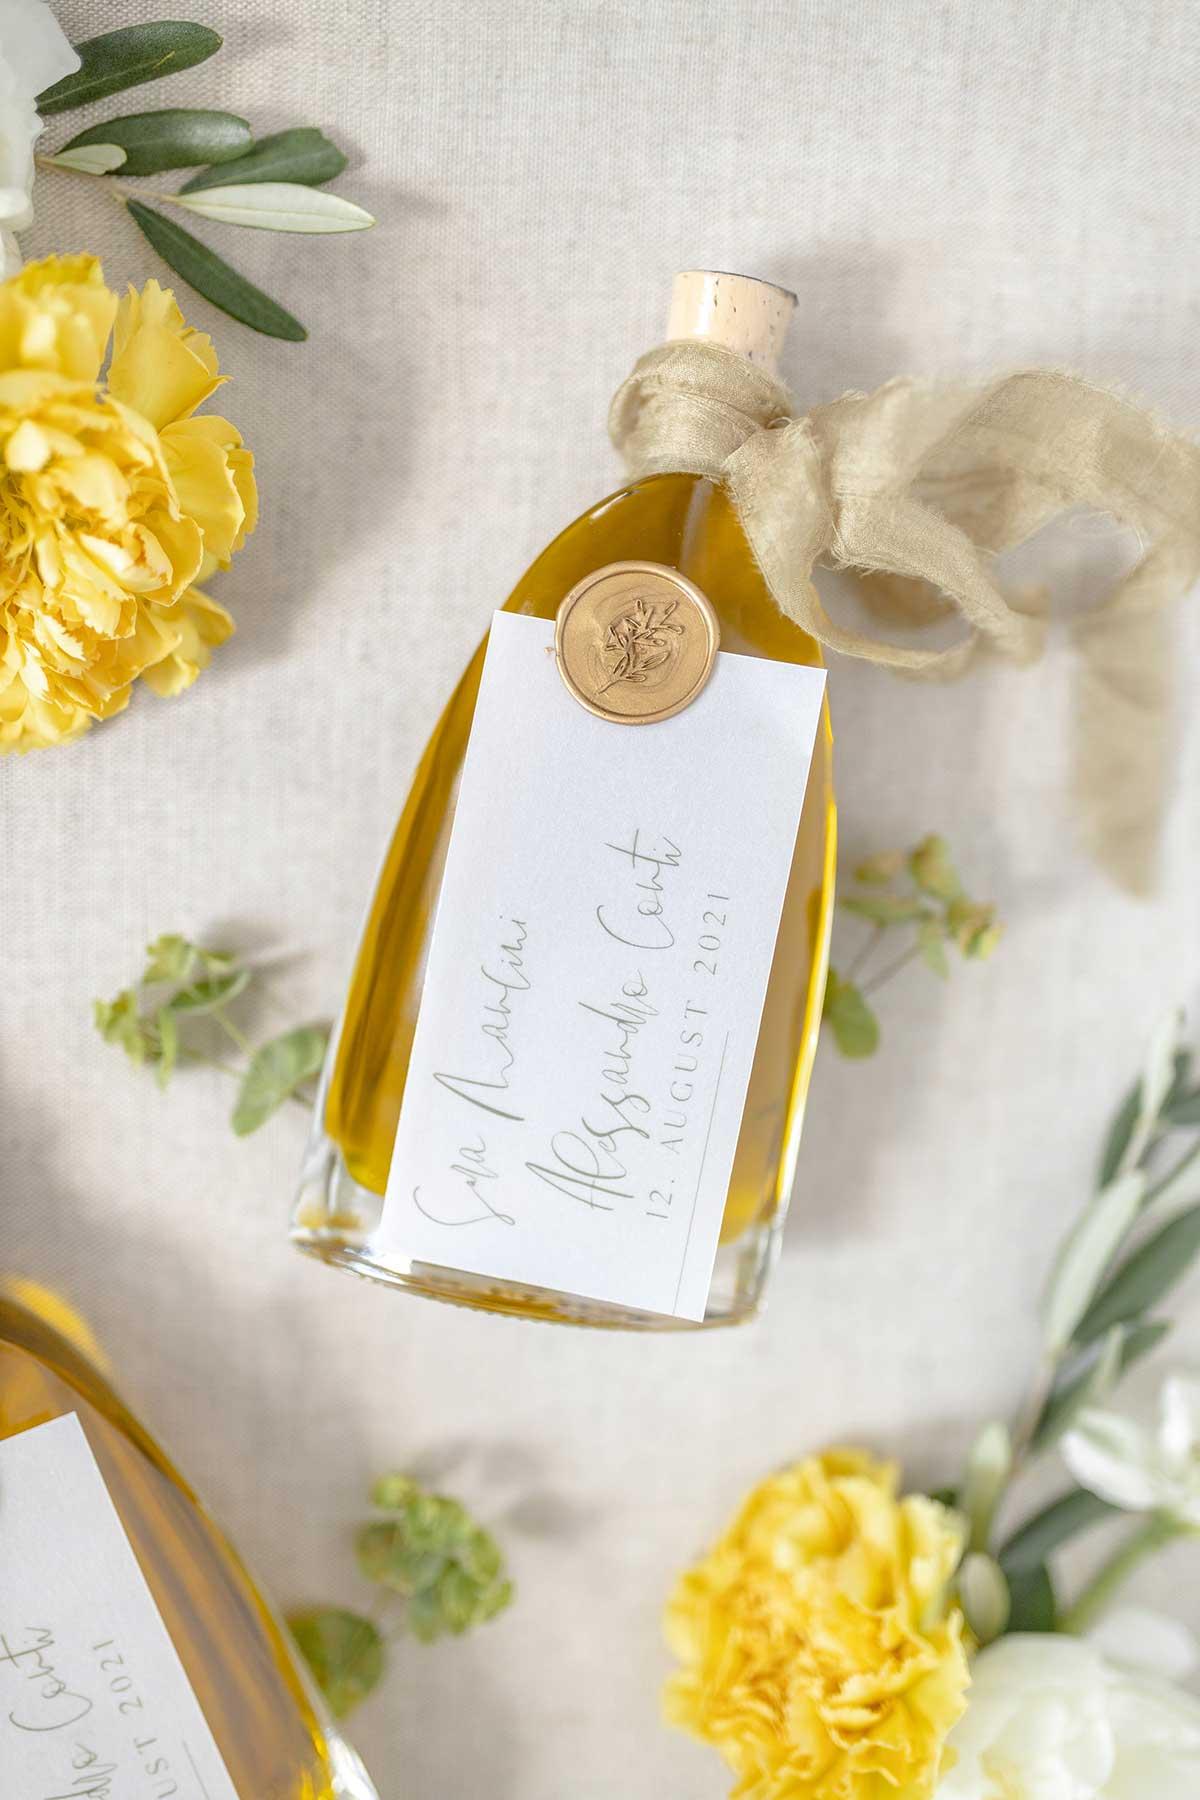 Flasche mit gelben Öl bei der Hochzeit